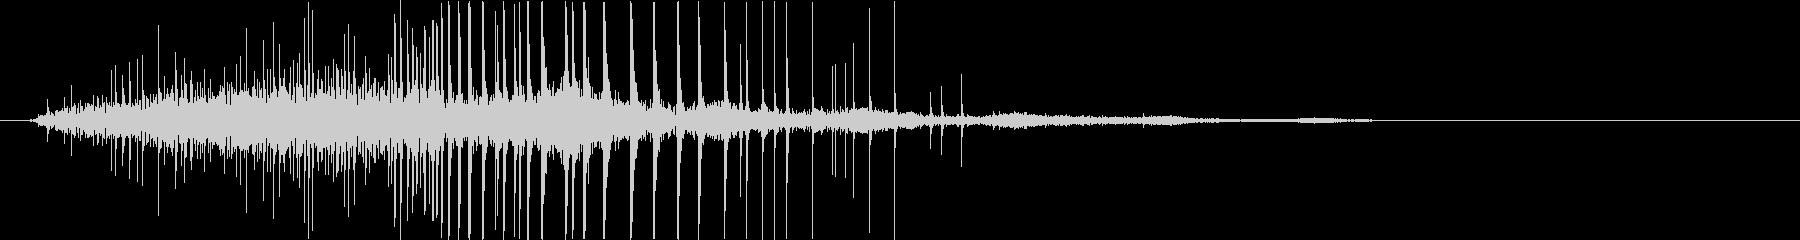 鋭い マーブルポットダーク05の未再生の波形